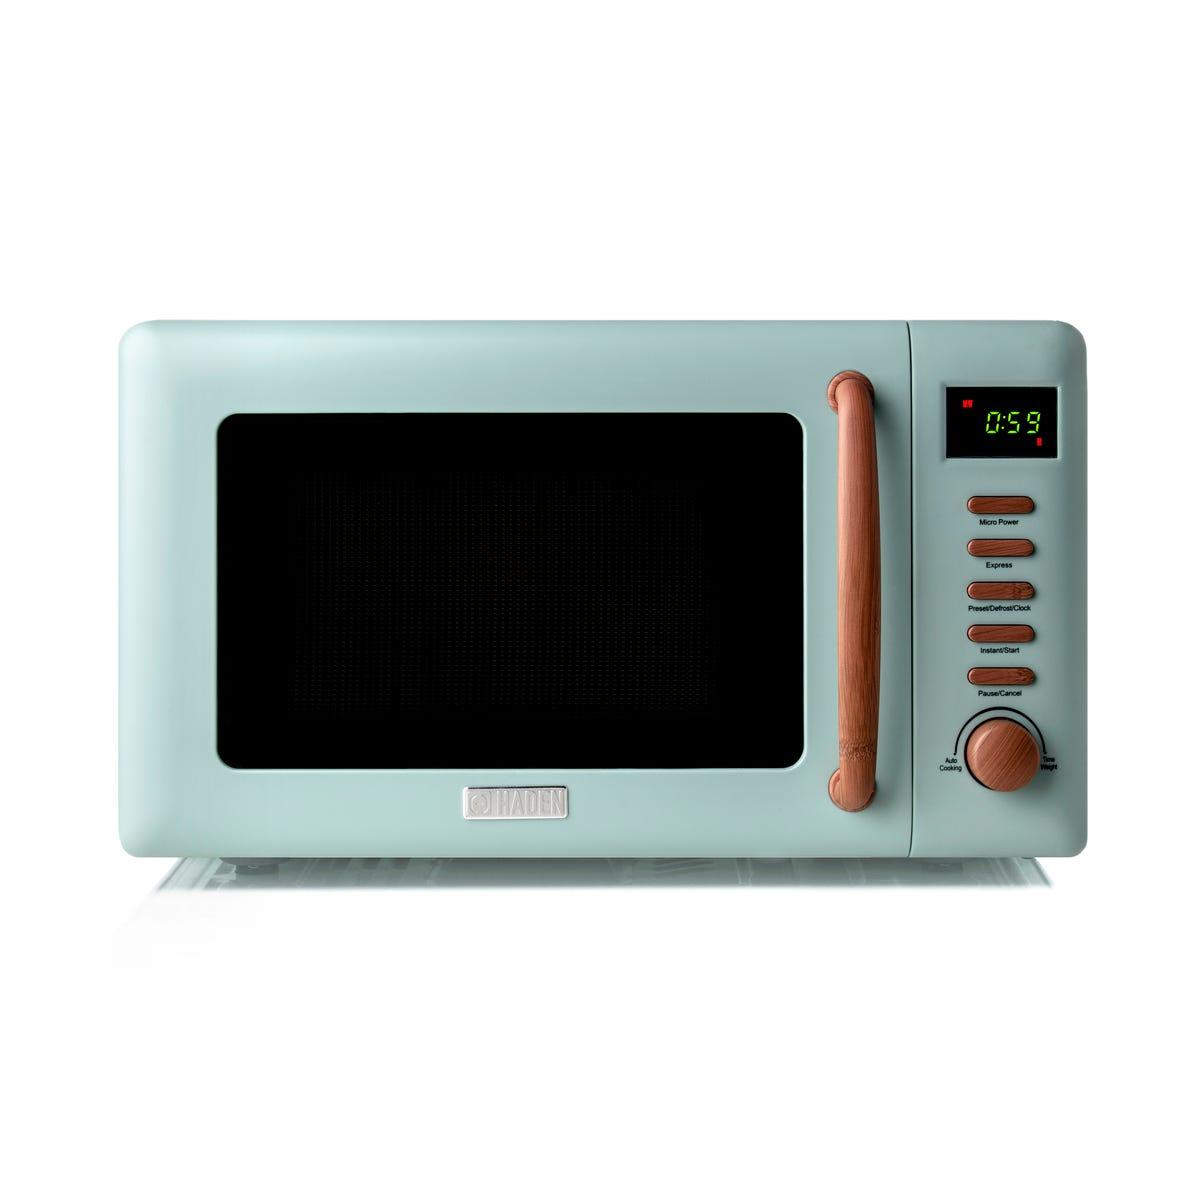 Haden 201294 Dorchester 20L 800W Microwave - Sage Green